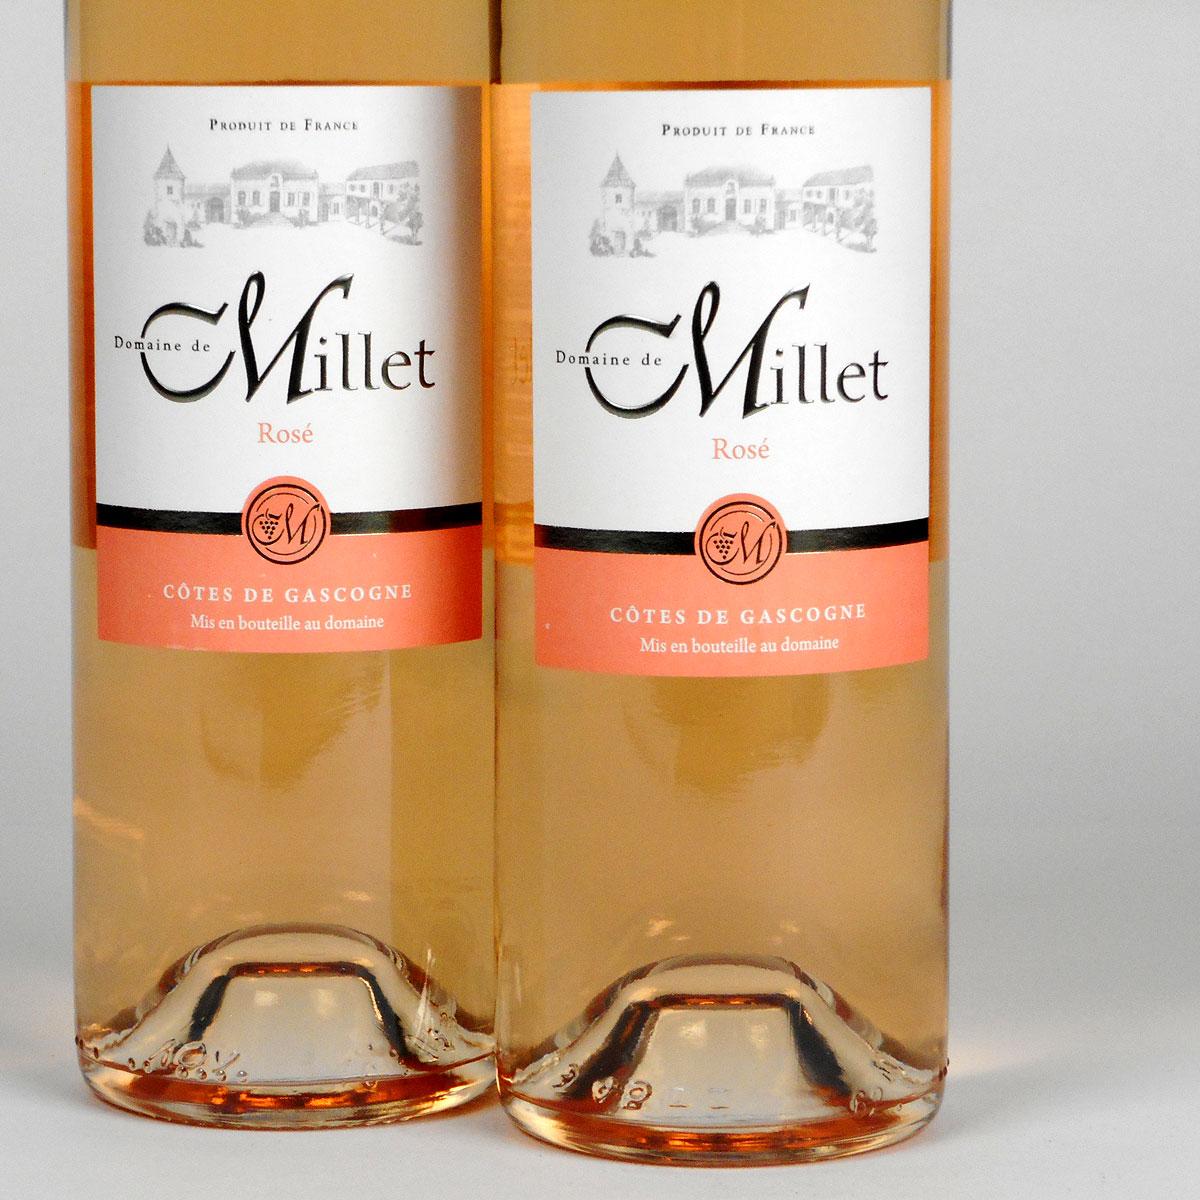 Côtes de Gascogne: Domaine Millet Rosé 2019